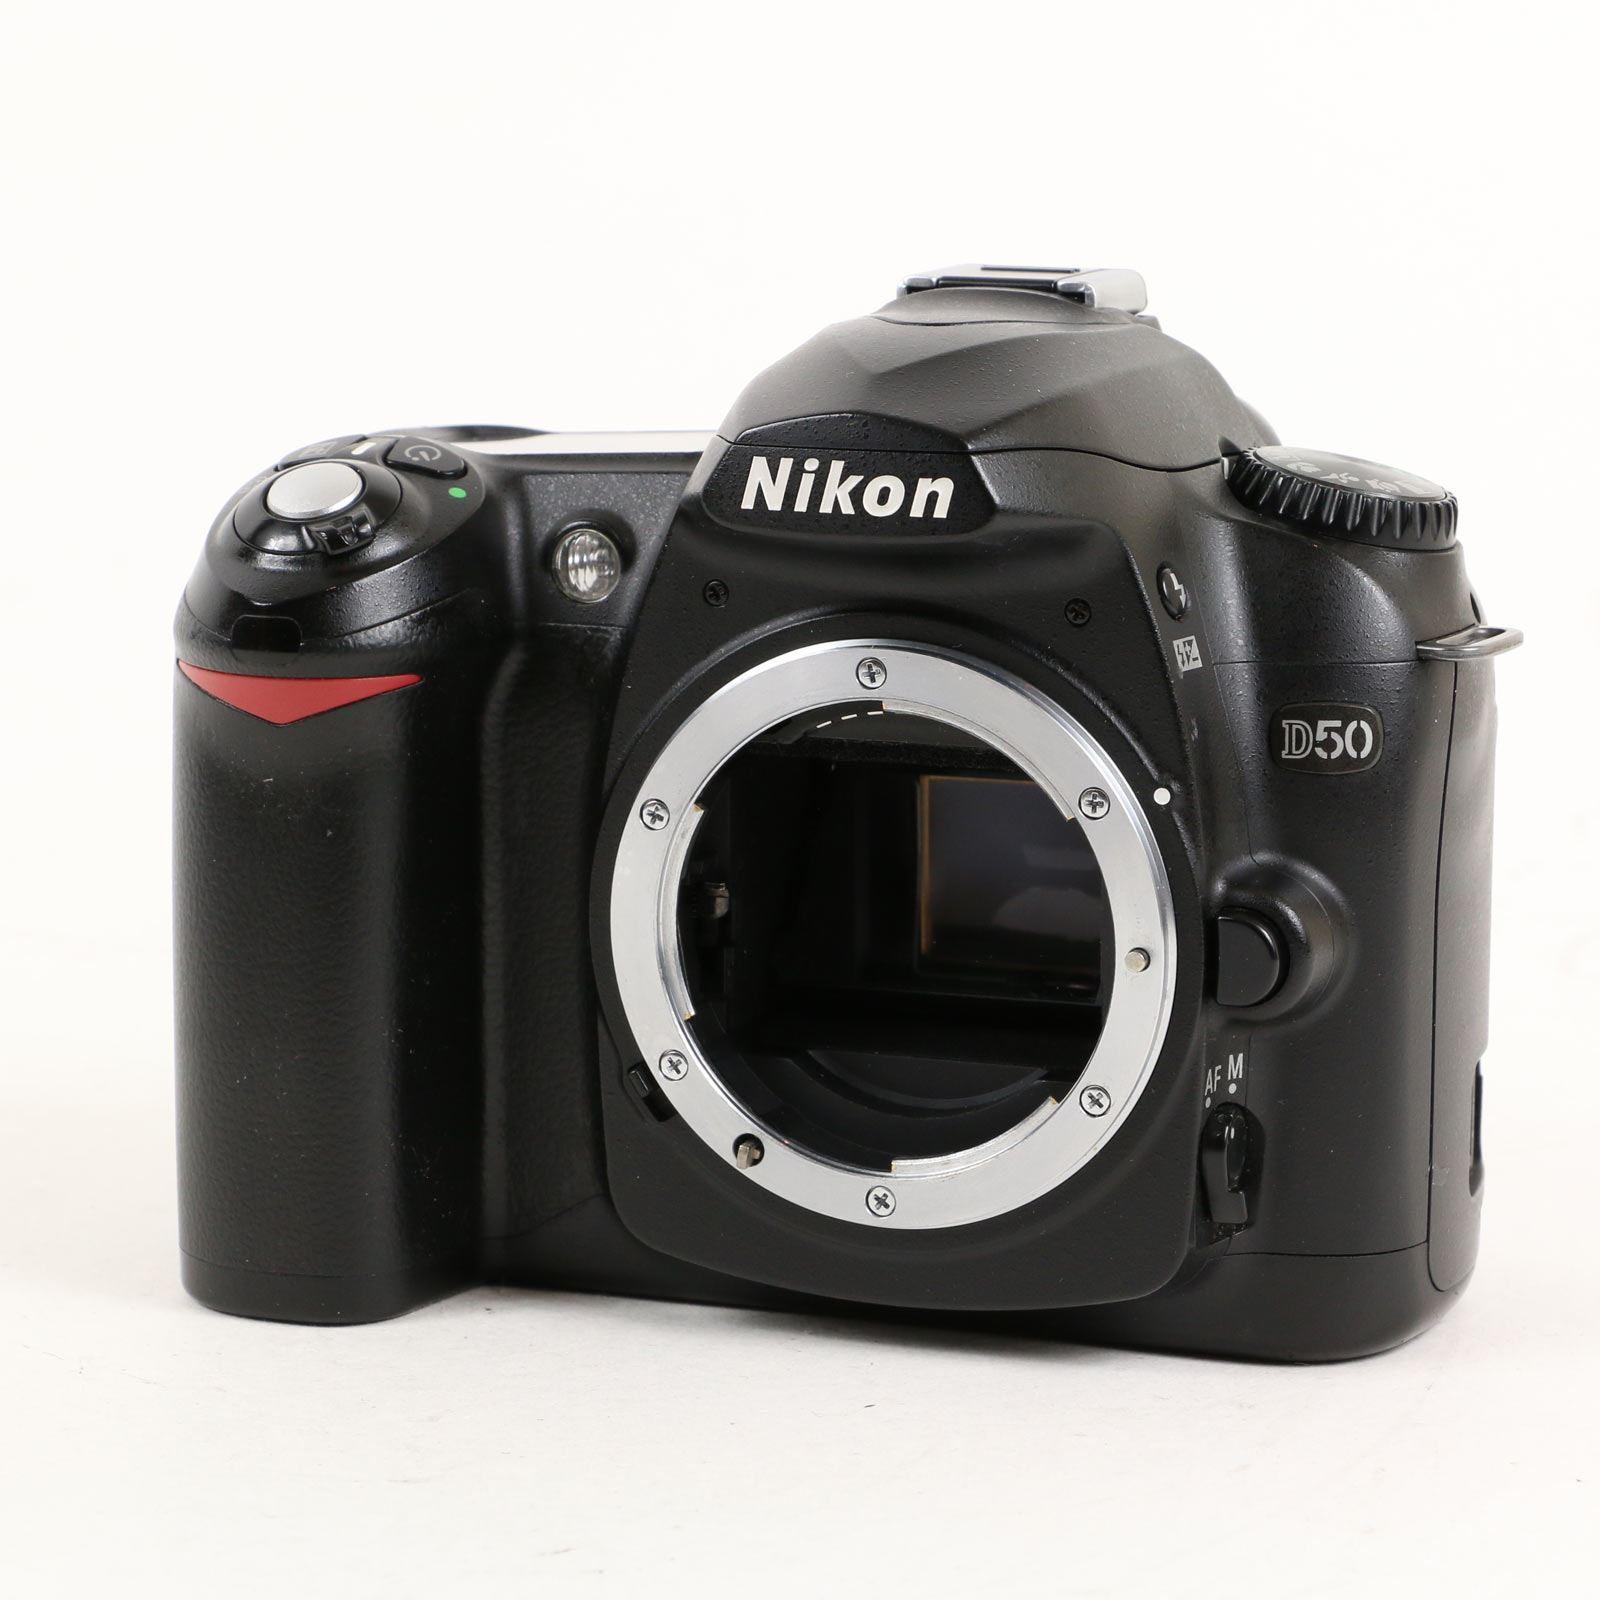 USED Nikon D50 Black Digital SLR Camera Body